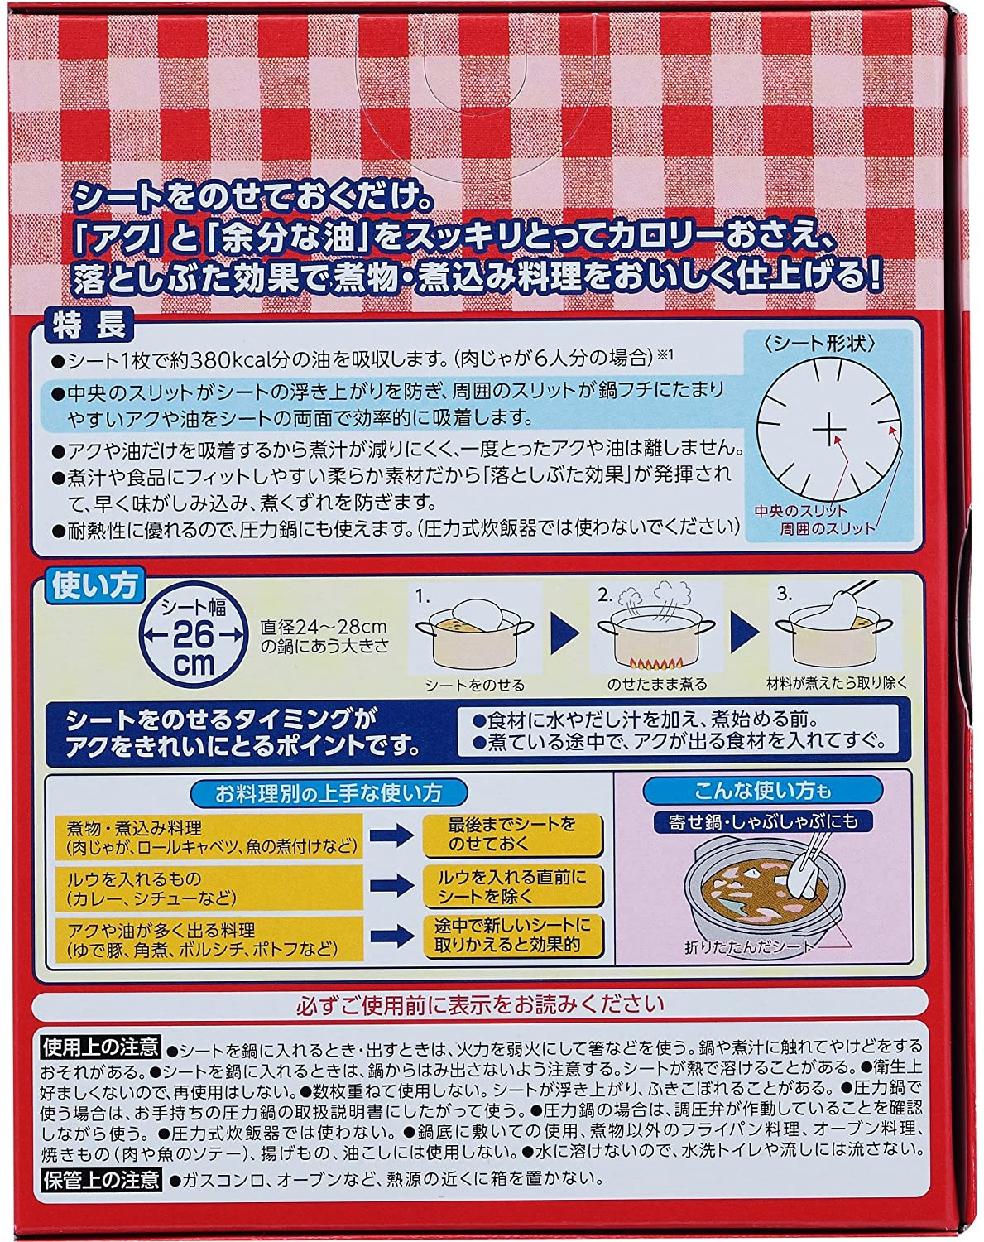 リードアクも油もとるシート 調理用シート 大 12枚 ホワイトの商品画像2